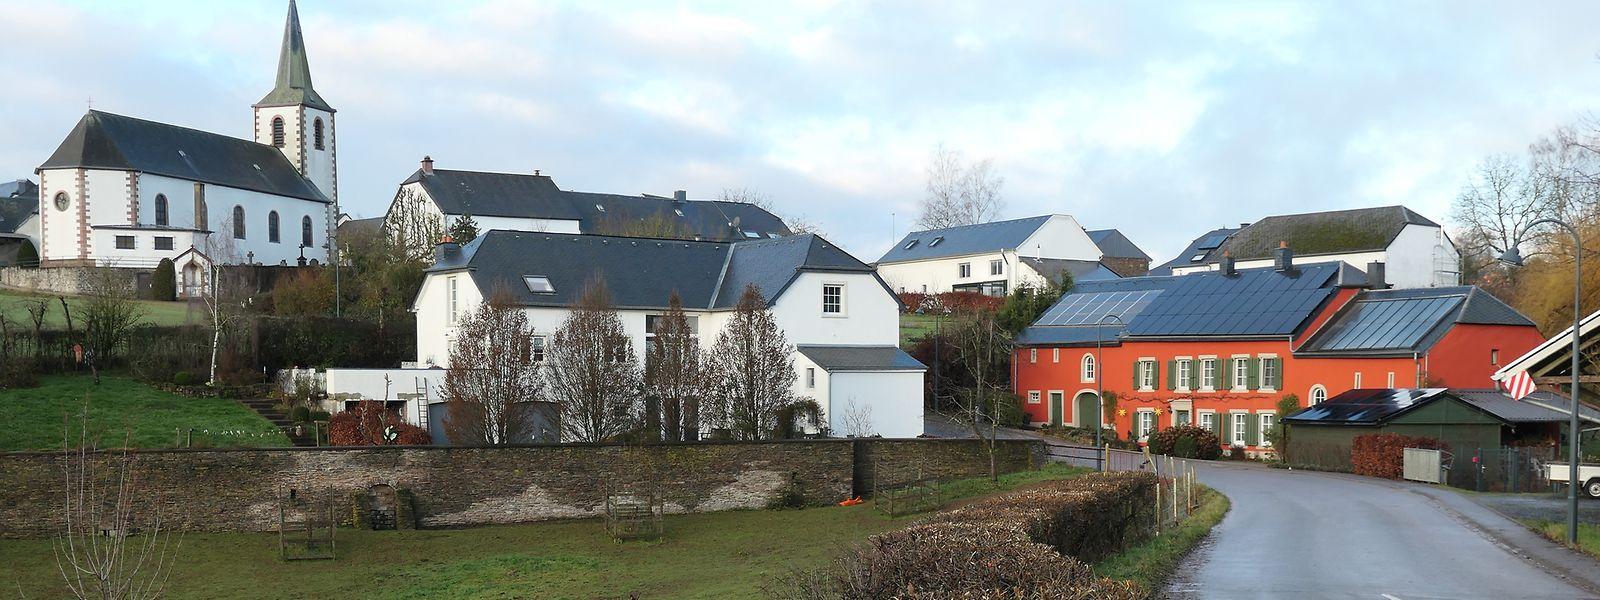 Die Gemeinden Wahl und Grosbous kämen bei einer Fusion gemeinsam auf etwas mehr als 2.000 Einwohner.